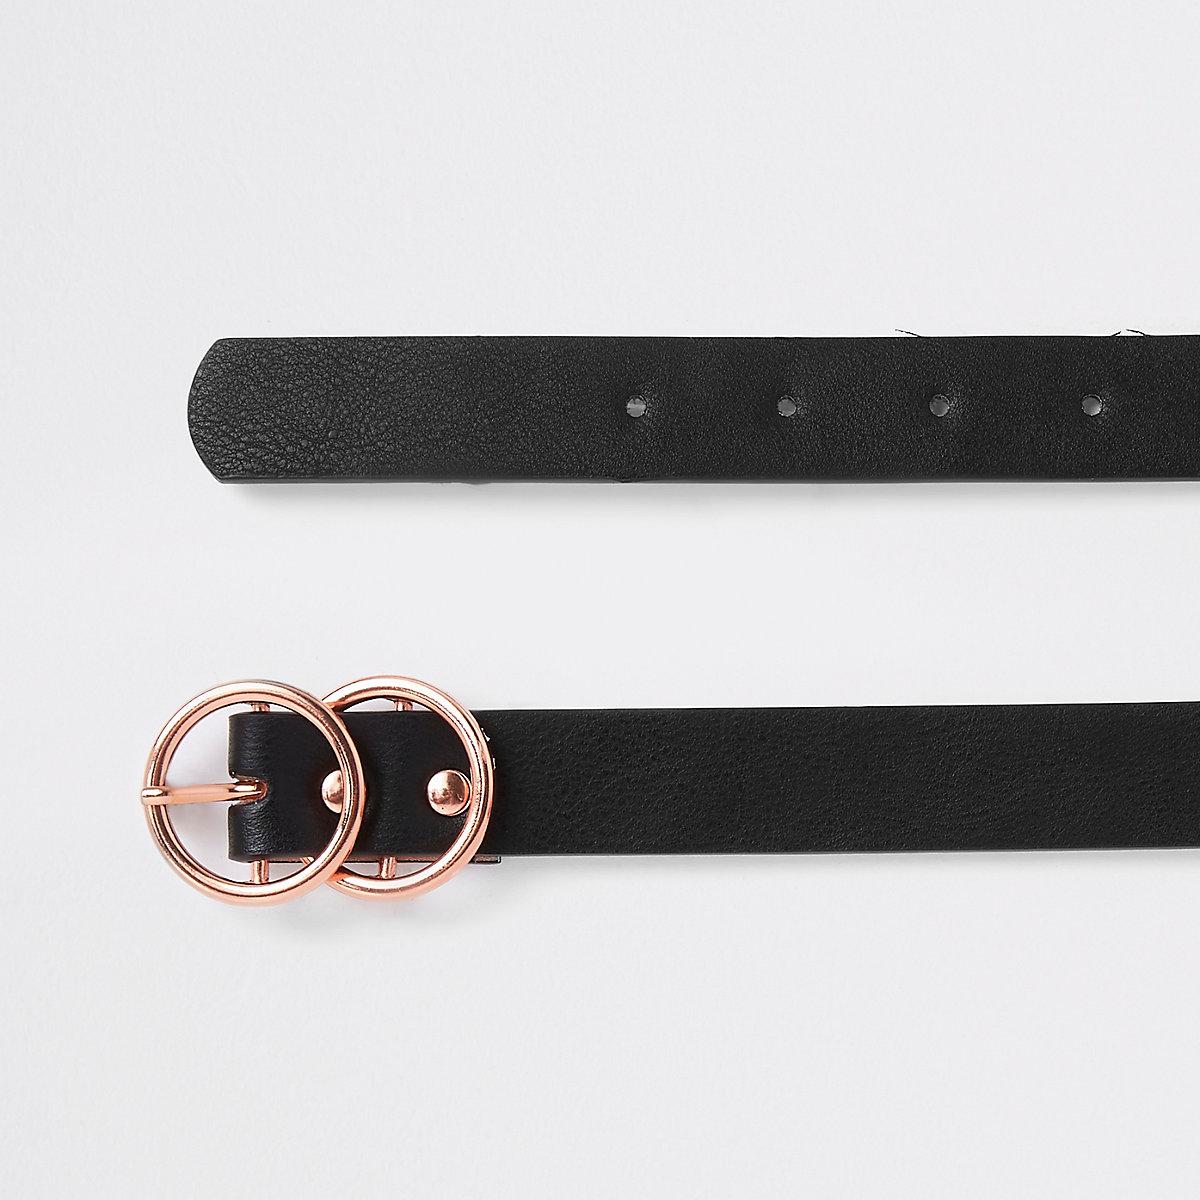 Black rose gold tone double ring mini belt